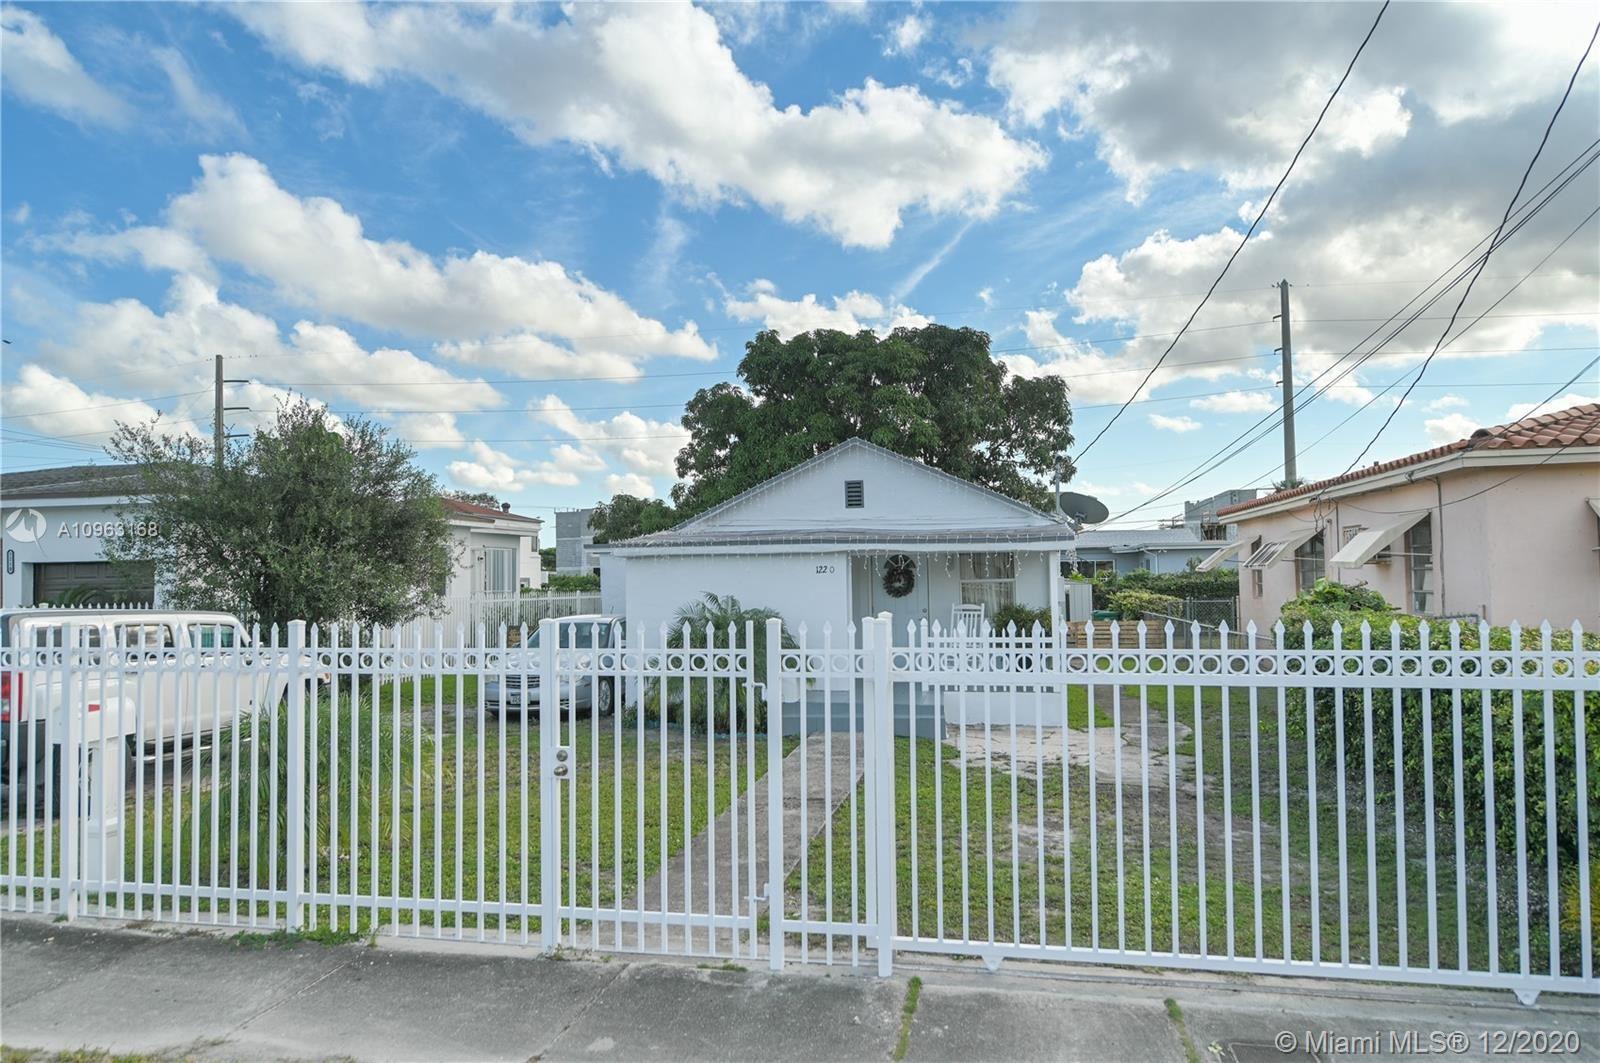 1220 NW 68th St, Miami, FL 33147 - #: A10963168